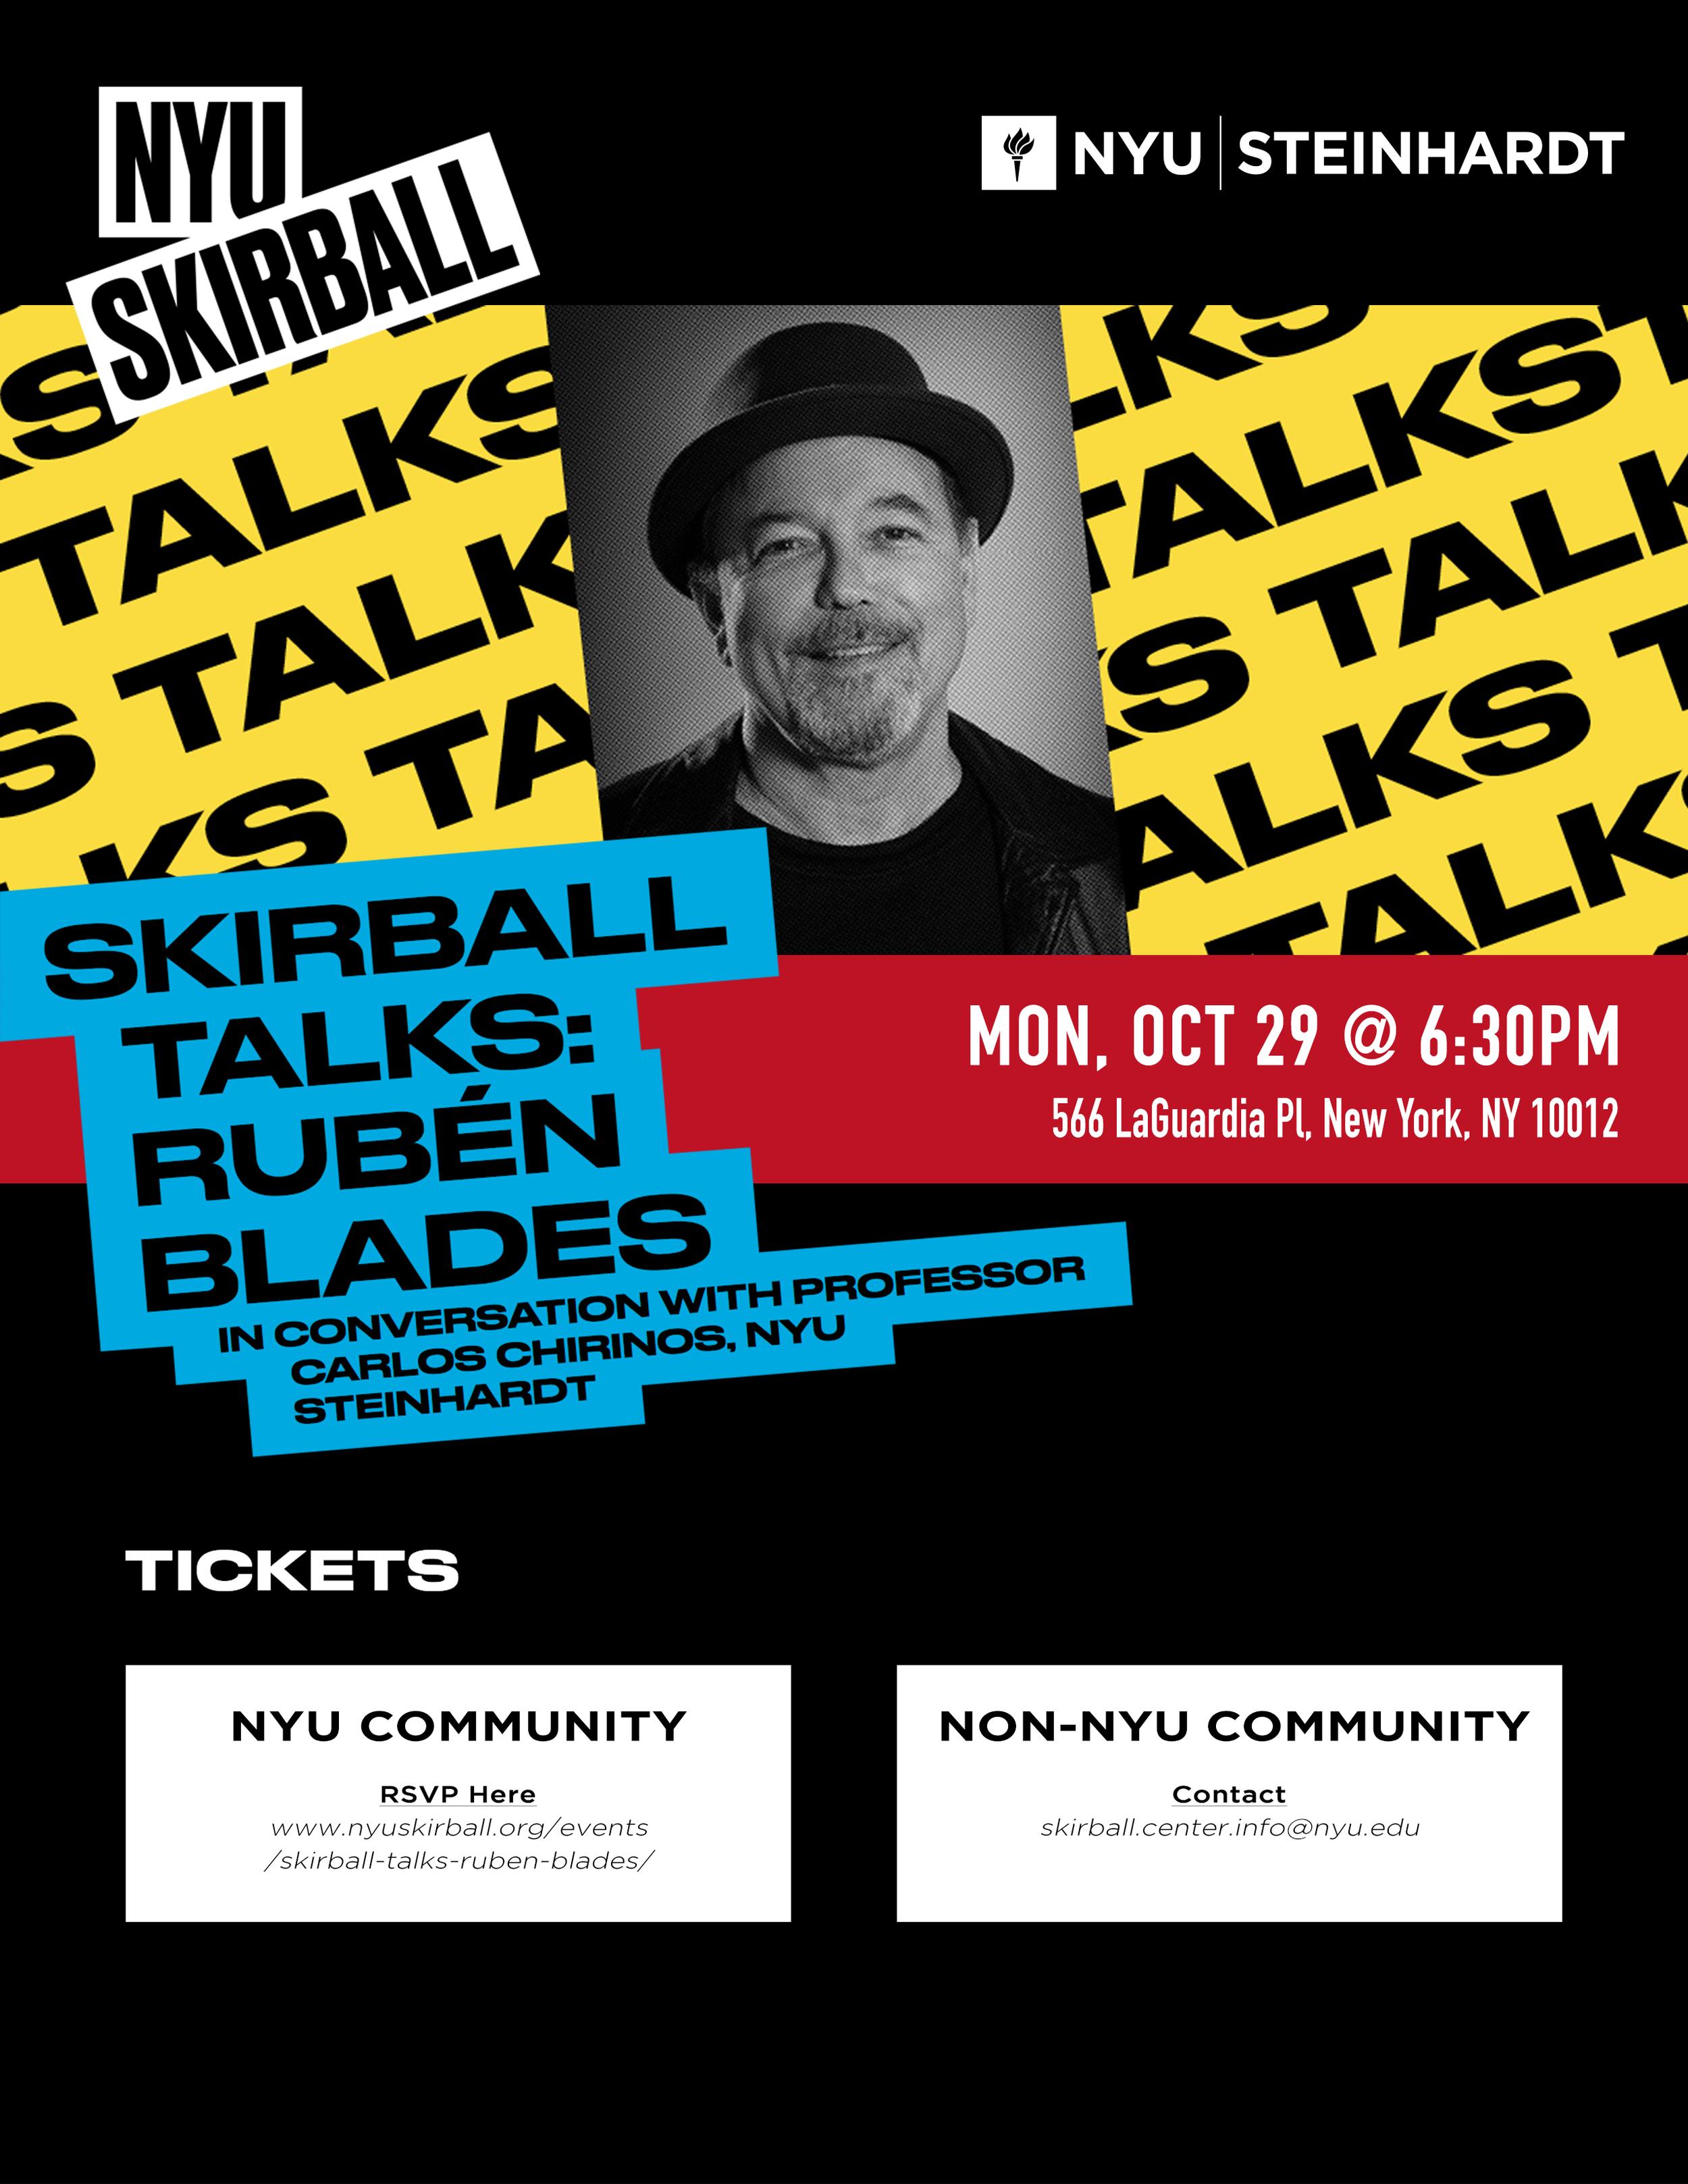 Event Flyer for Ruben Blades hosted by NYU Steinhardt